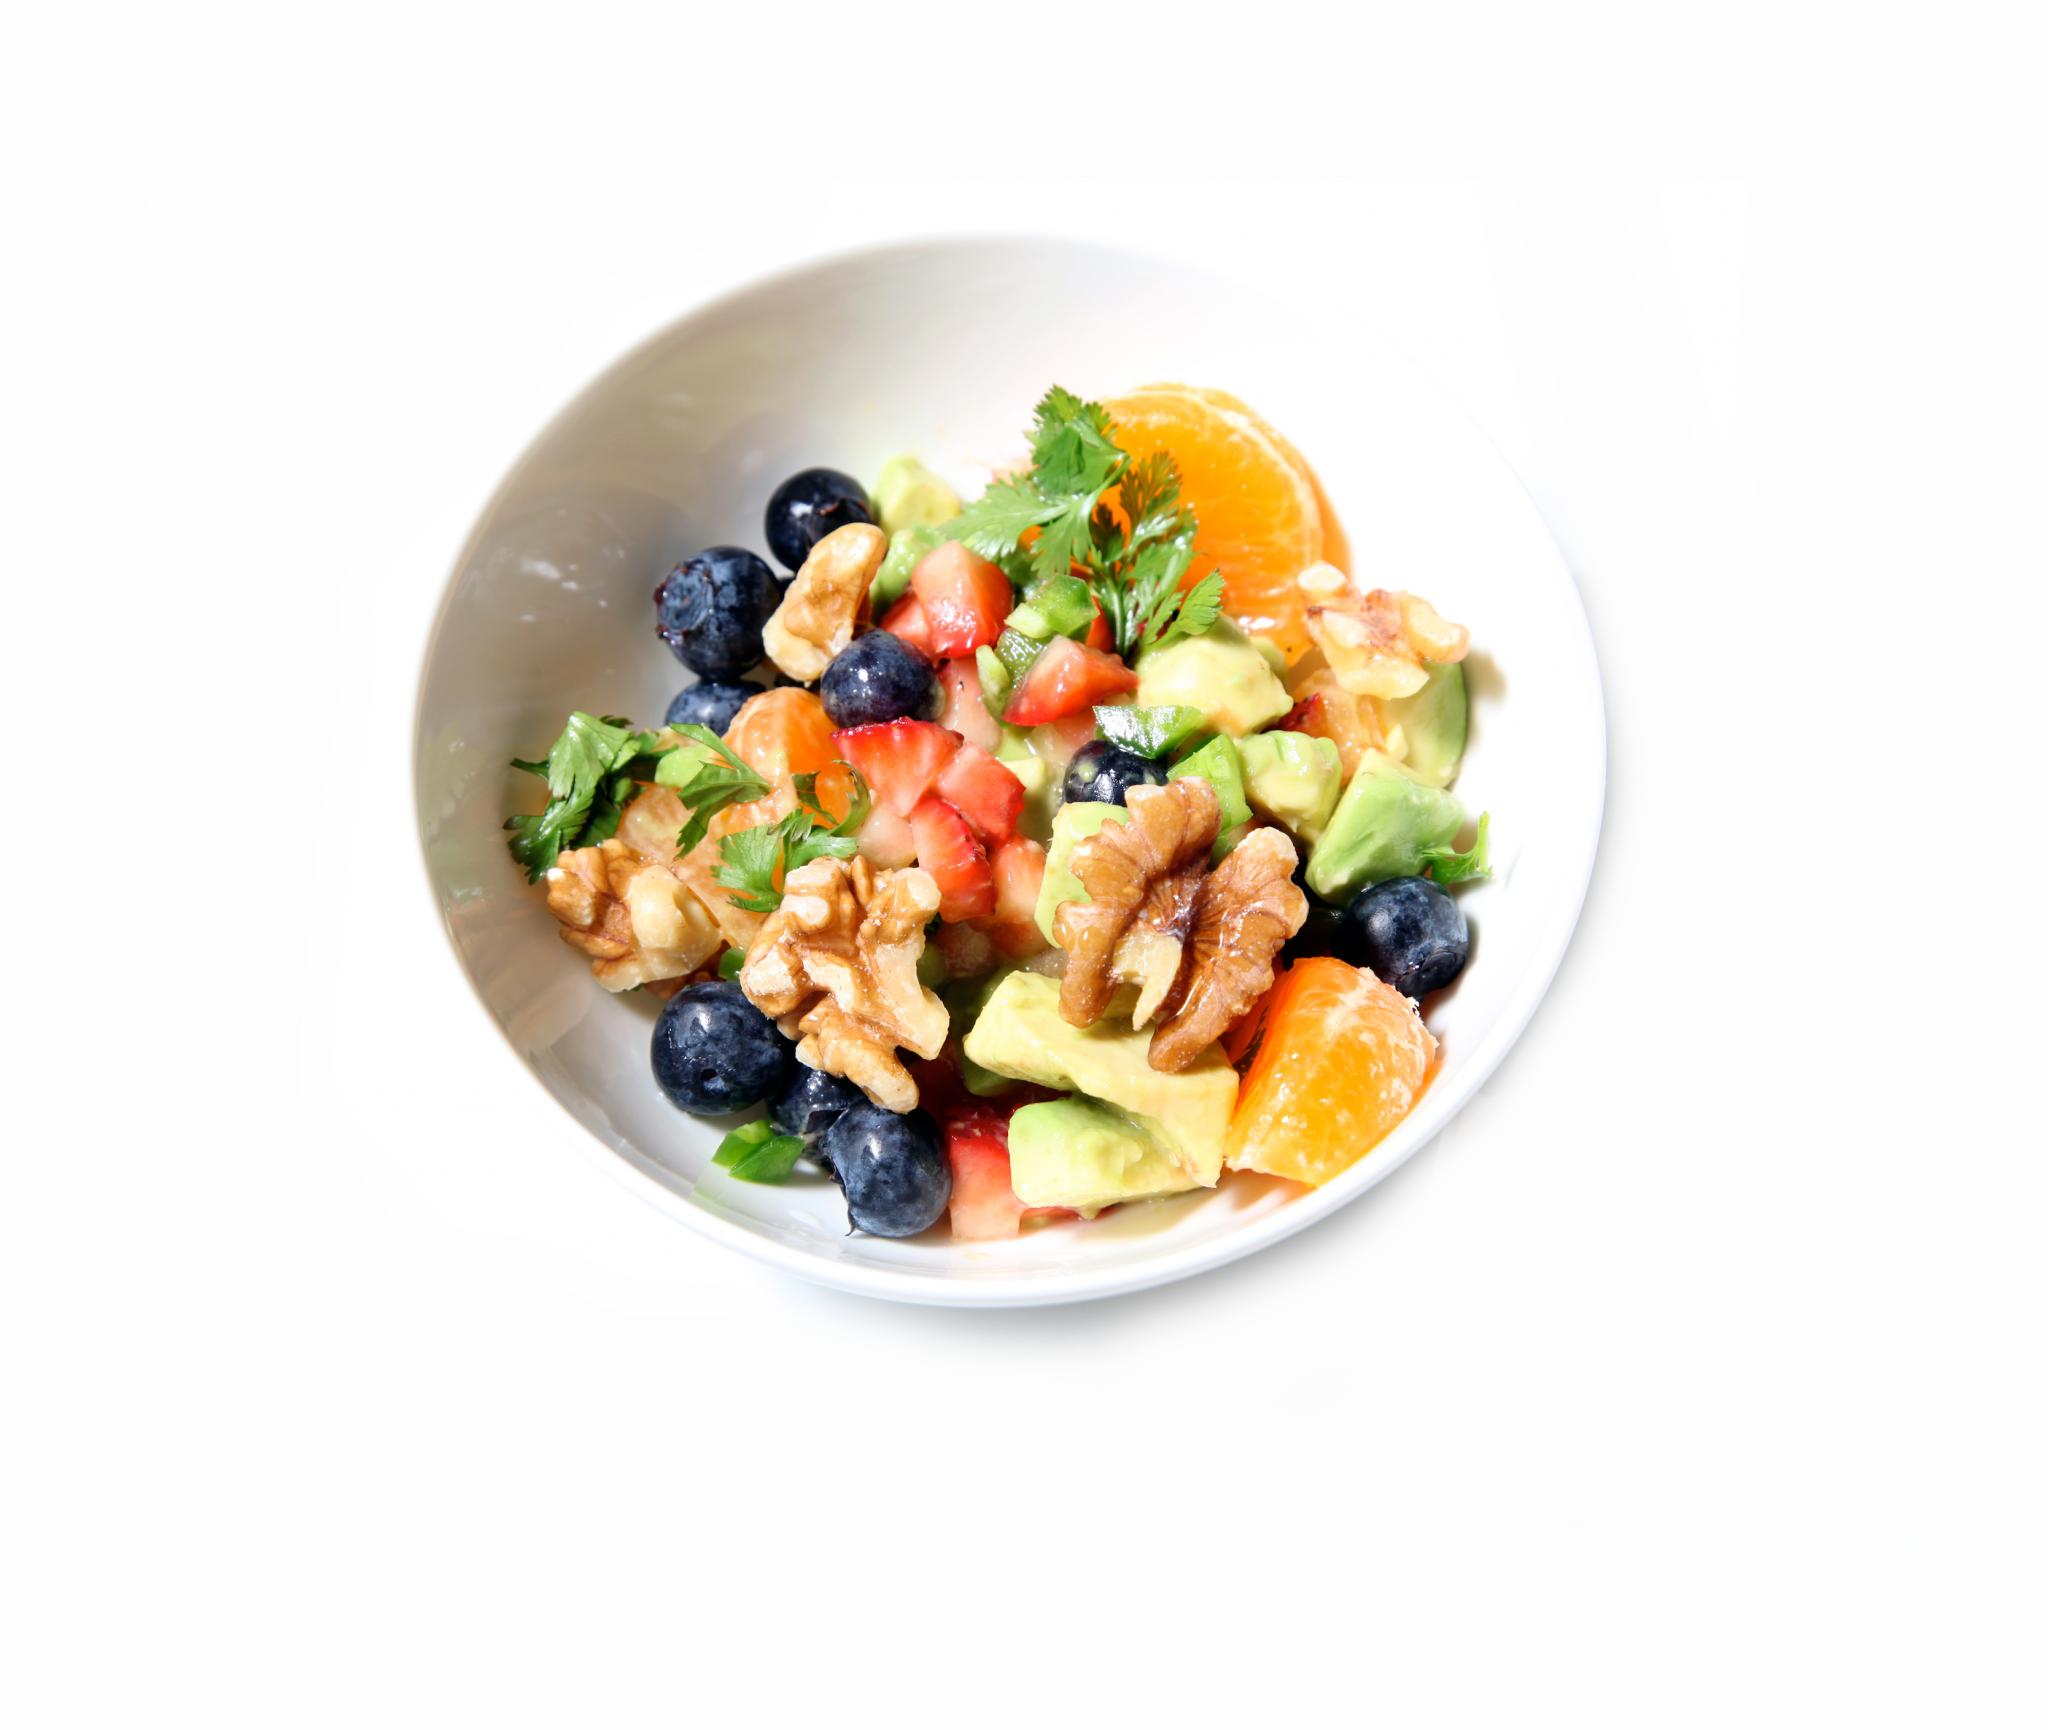 fruite loops bowl